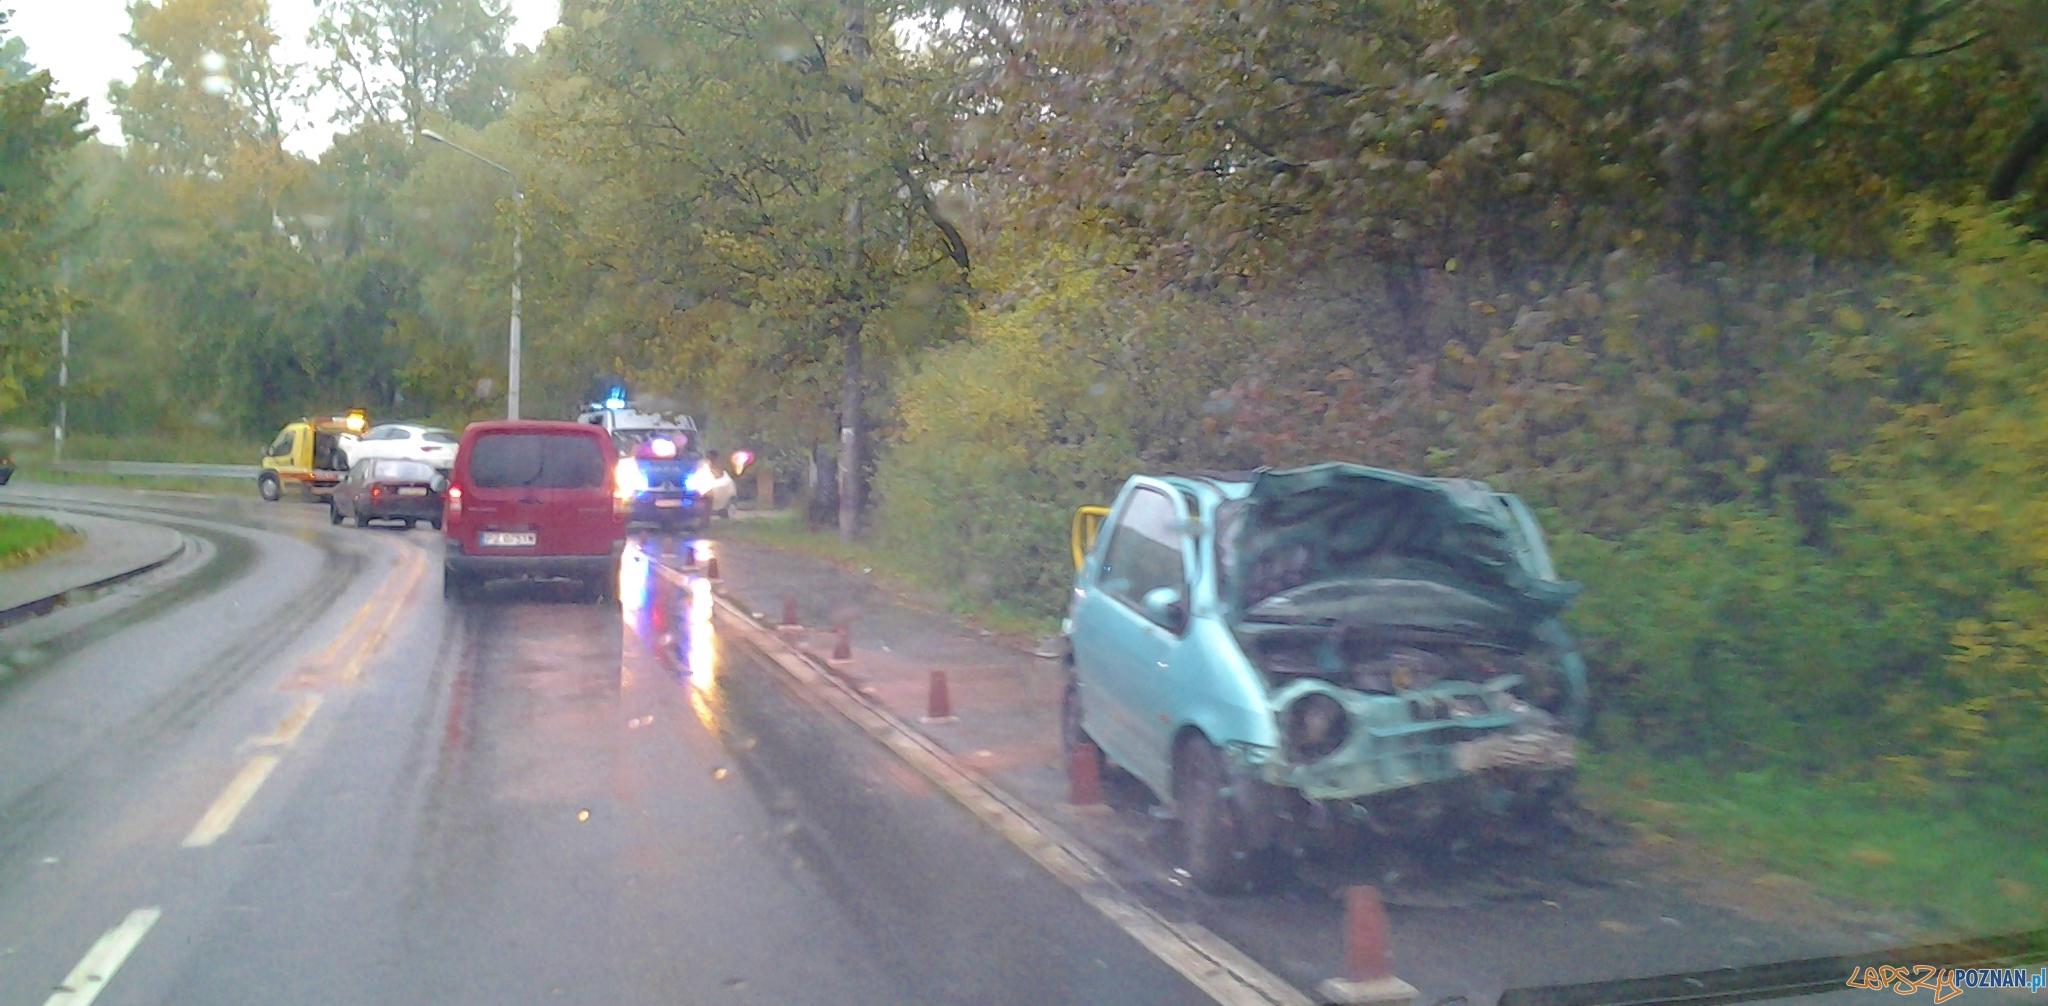 Wypadek na Browarnej   Foto: Antoninek